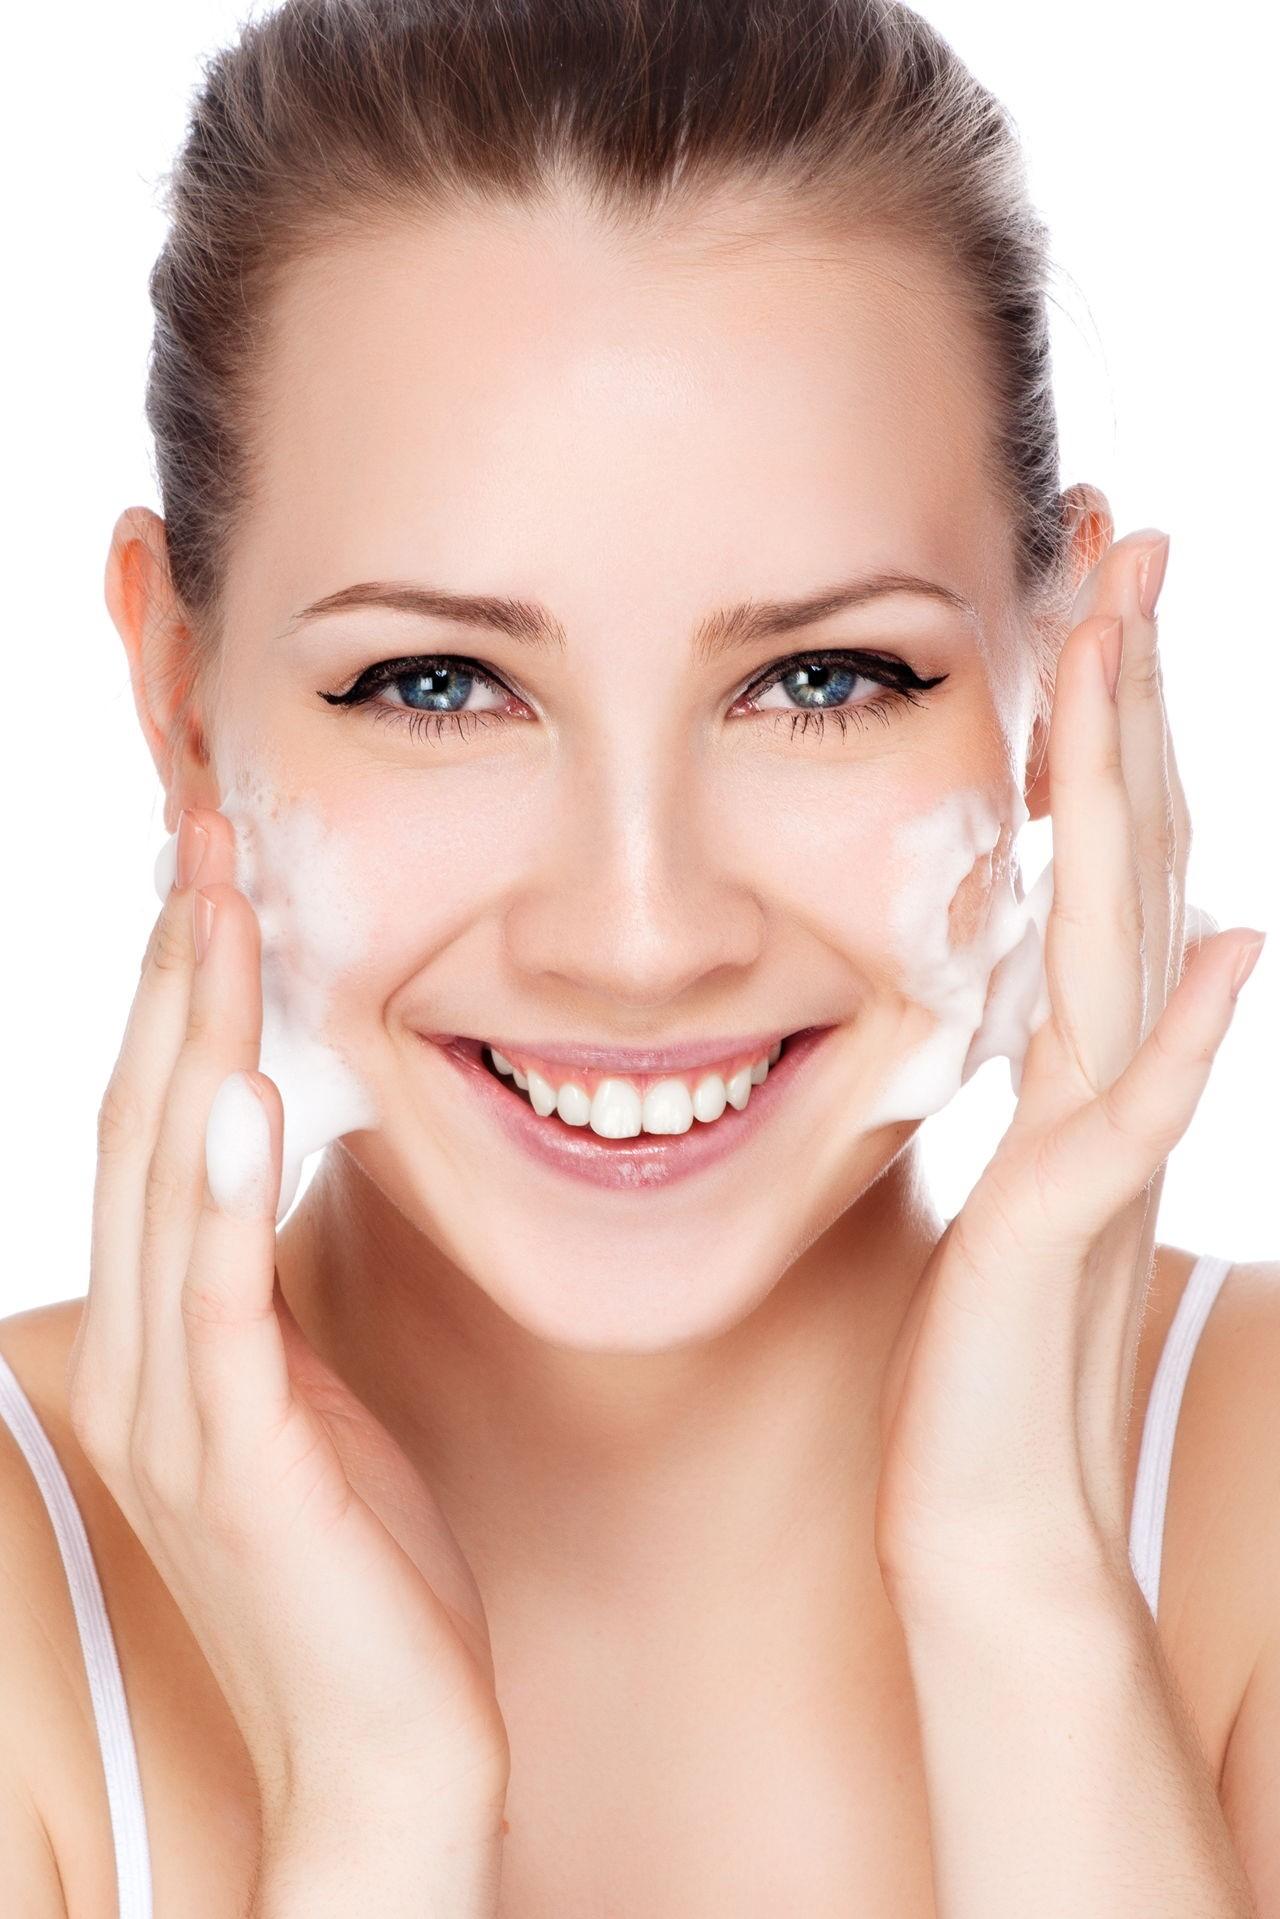 Sữa rửa mặt làm sáng da, giảm nhờn dạng gel Obagi-C Rx C-Cleansing Gel 180ml được ưa chuộng hàng đầu tại Mỹ-hibeauty